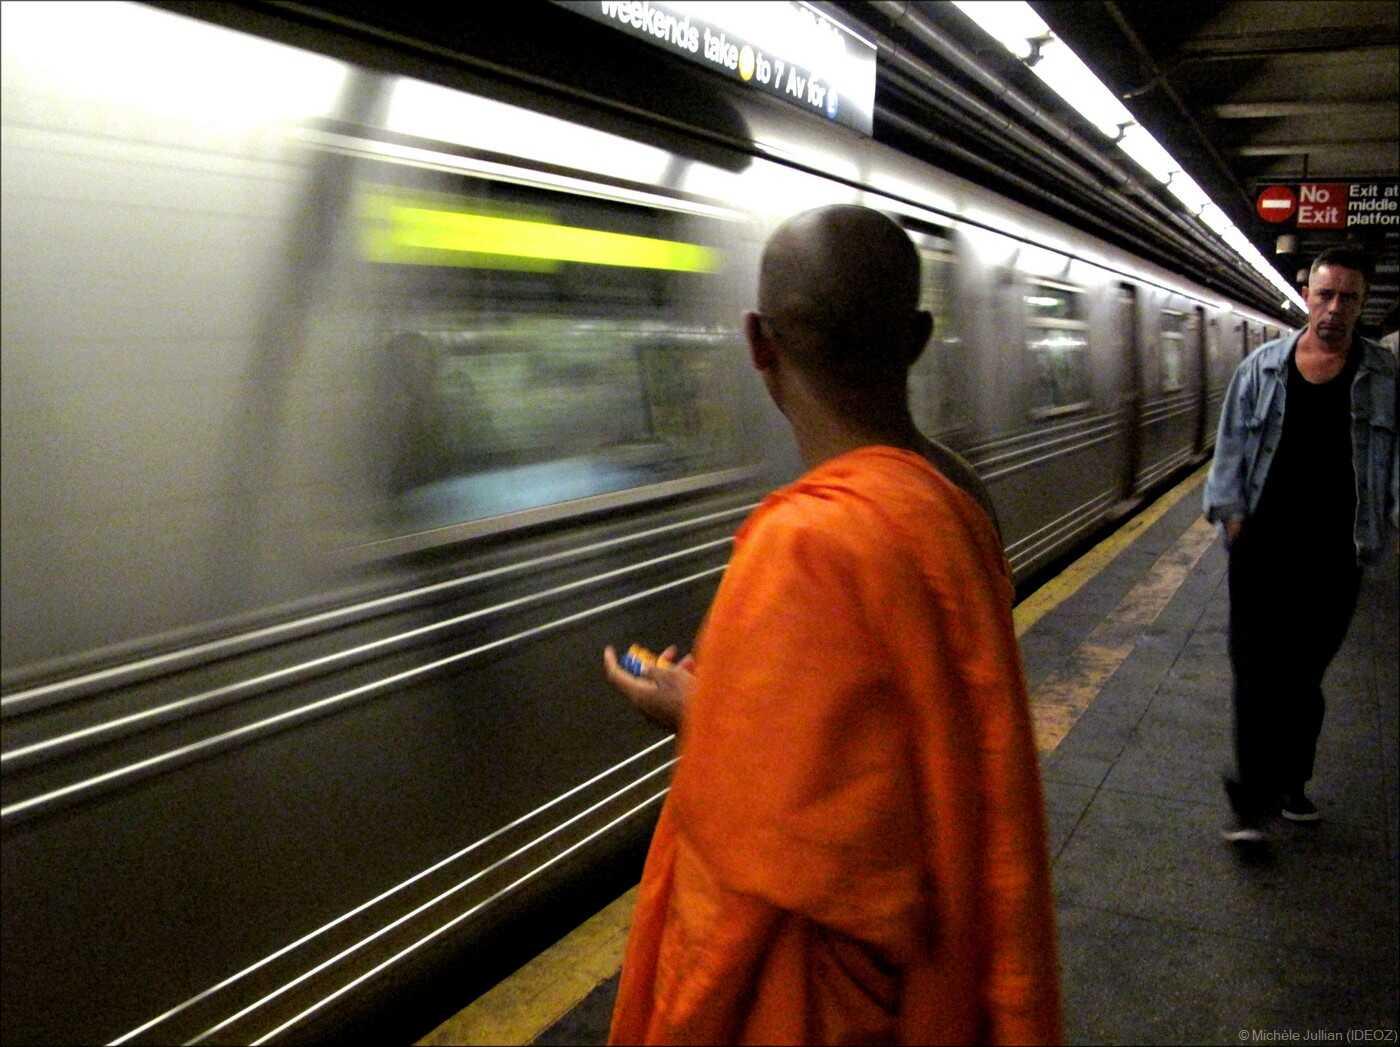 moine bouddhiste dans le métro new yorkais